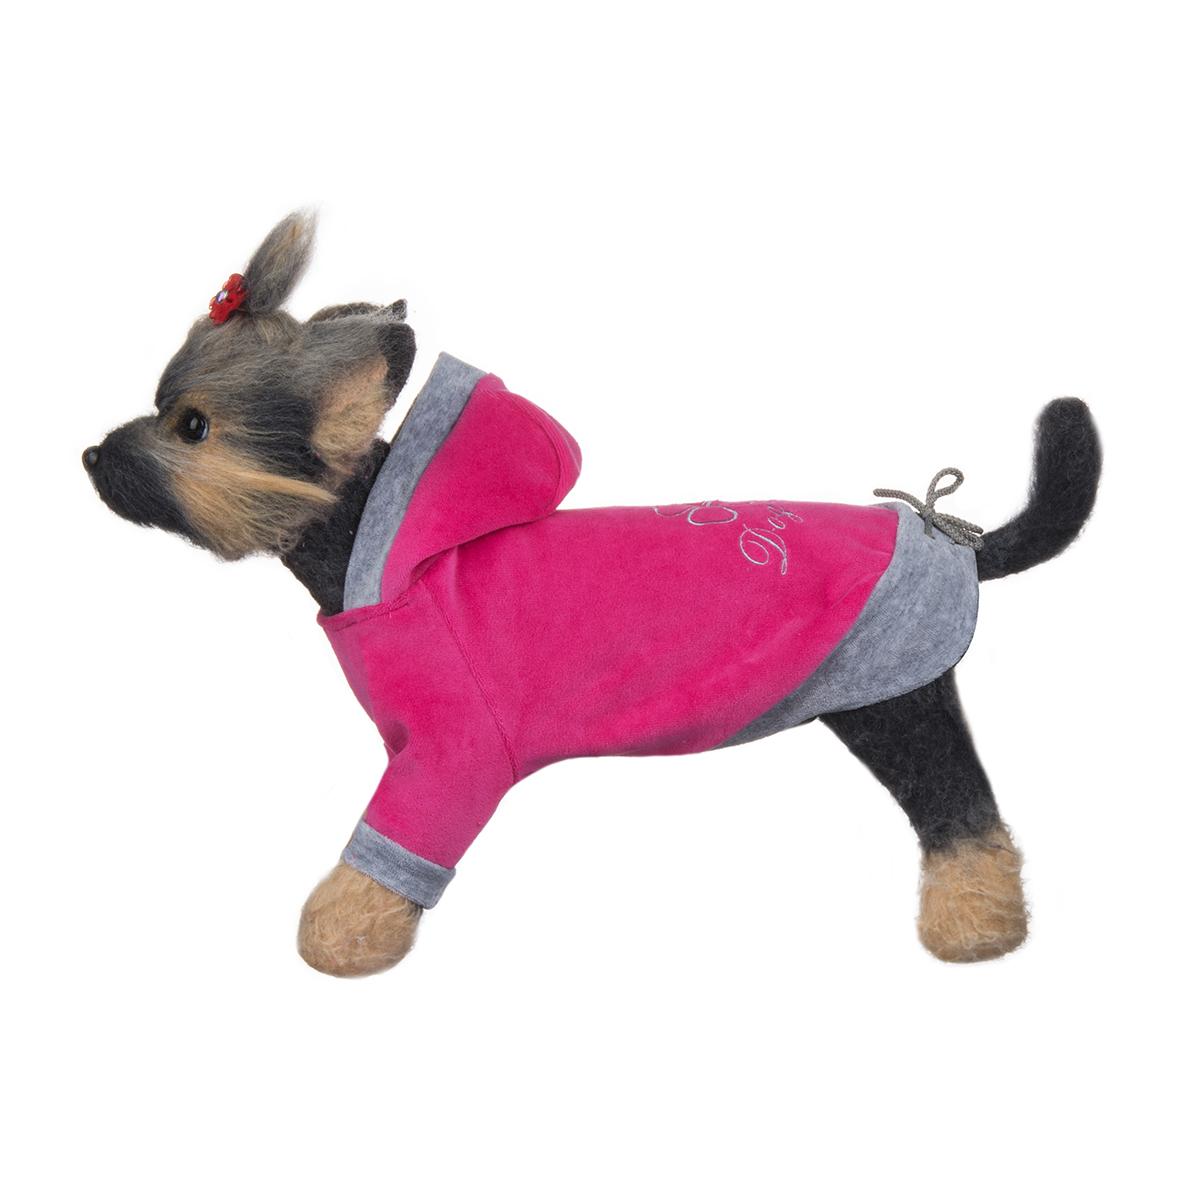 Куртка для собак Dogmoda Хоум, унисекс, цвет: розовый, серый. Размер 1 (S)DM-150309-1Куртка для собак Dogmoda Хоум отлично подойдет для прогулок в сухую погоду или для дома.Куртка изготовлена из качественного мягкого велюра.Куртка с капюшоном достаточно широкая и не имеет застежек, ее легко надевать и снимать. Капюшон не отстегивается. Низ рукавов оснащен широкими стильными манжетами. Спинка украшена серебристой вышивкой в виде клевера и надписи Dogmoda. На пояснице куртка затягивается на шнурок-кулиску.Благодаря такой куртке вашему питомцу будет комфортно наслаждаться прогулкой или играми дома.Одежда для собак: нужна ли она и как её выбрать. Статья OZON Гид